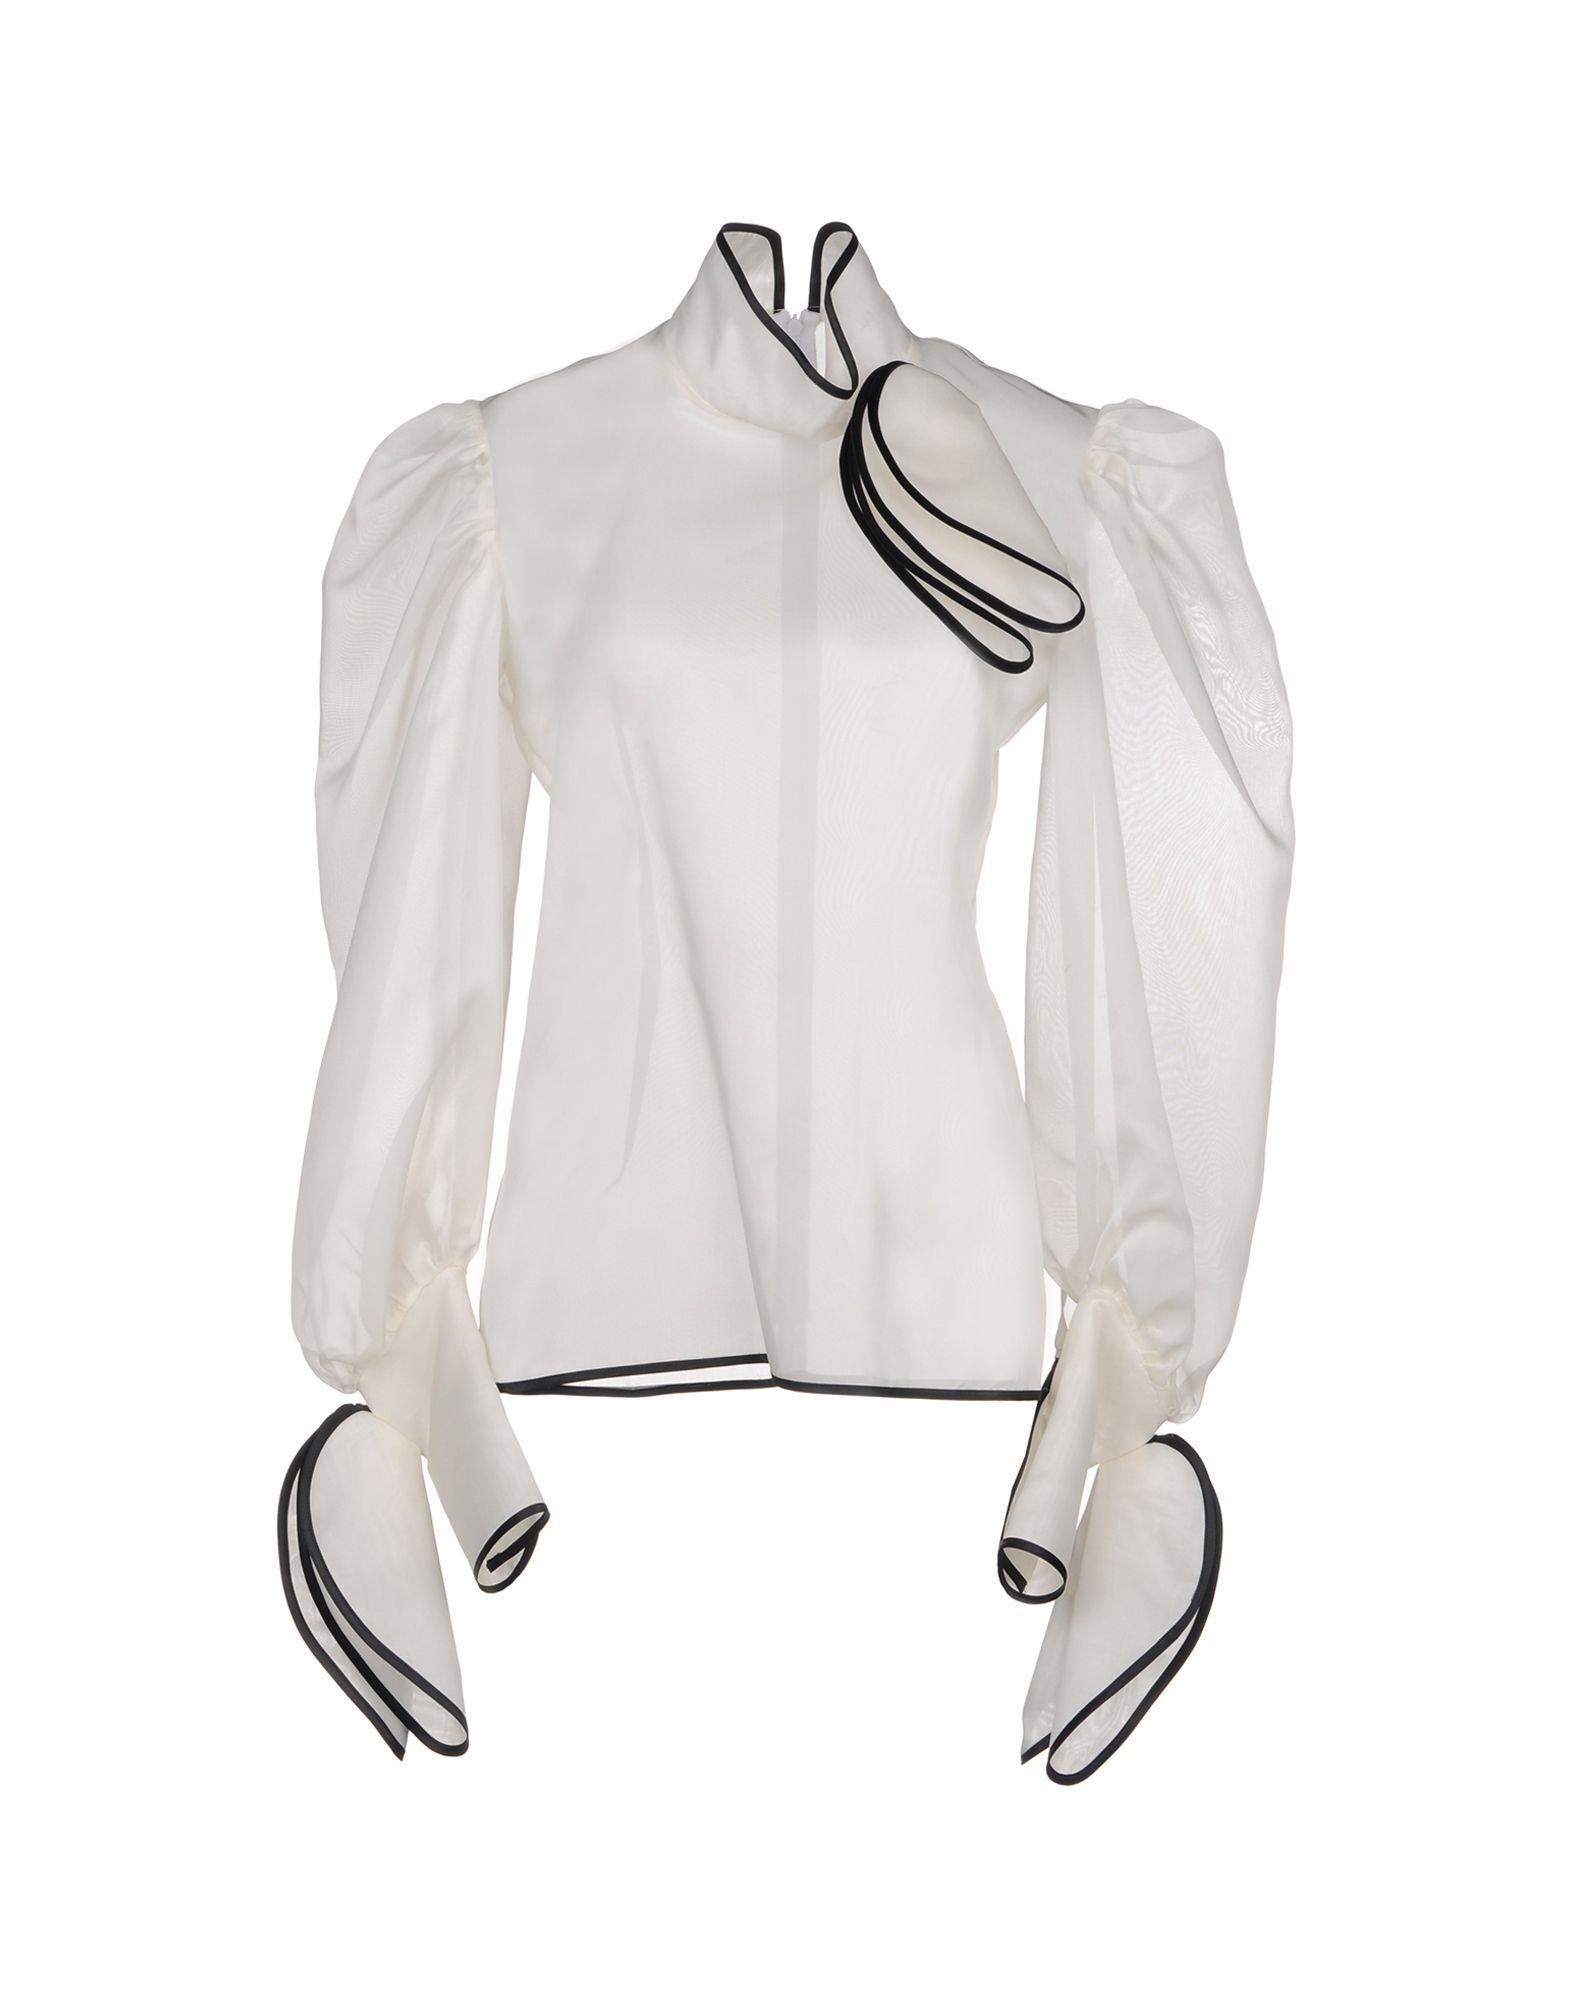 IO COUTURE . #iocouture #cloth # | Io Couture | Pinterest